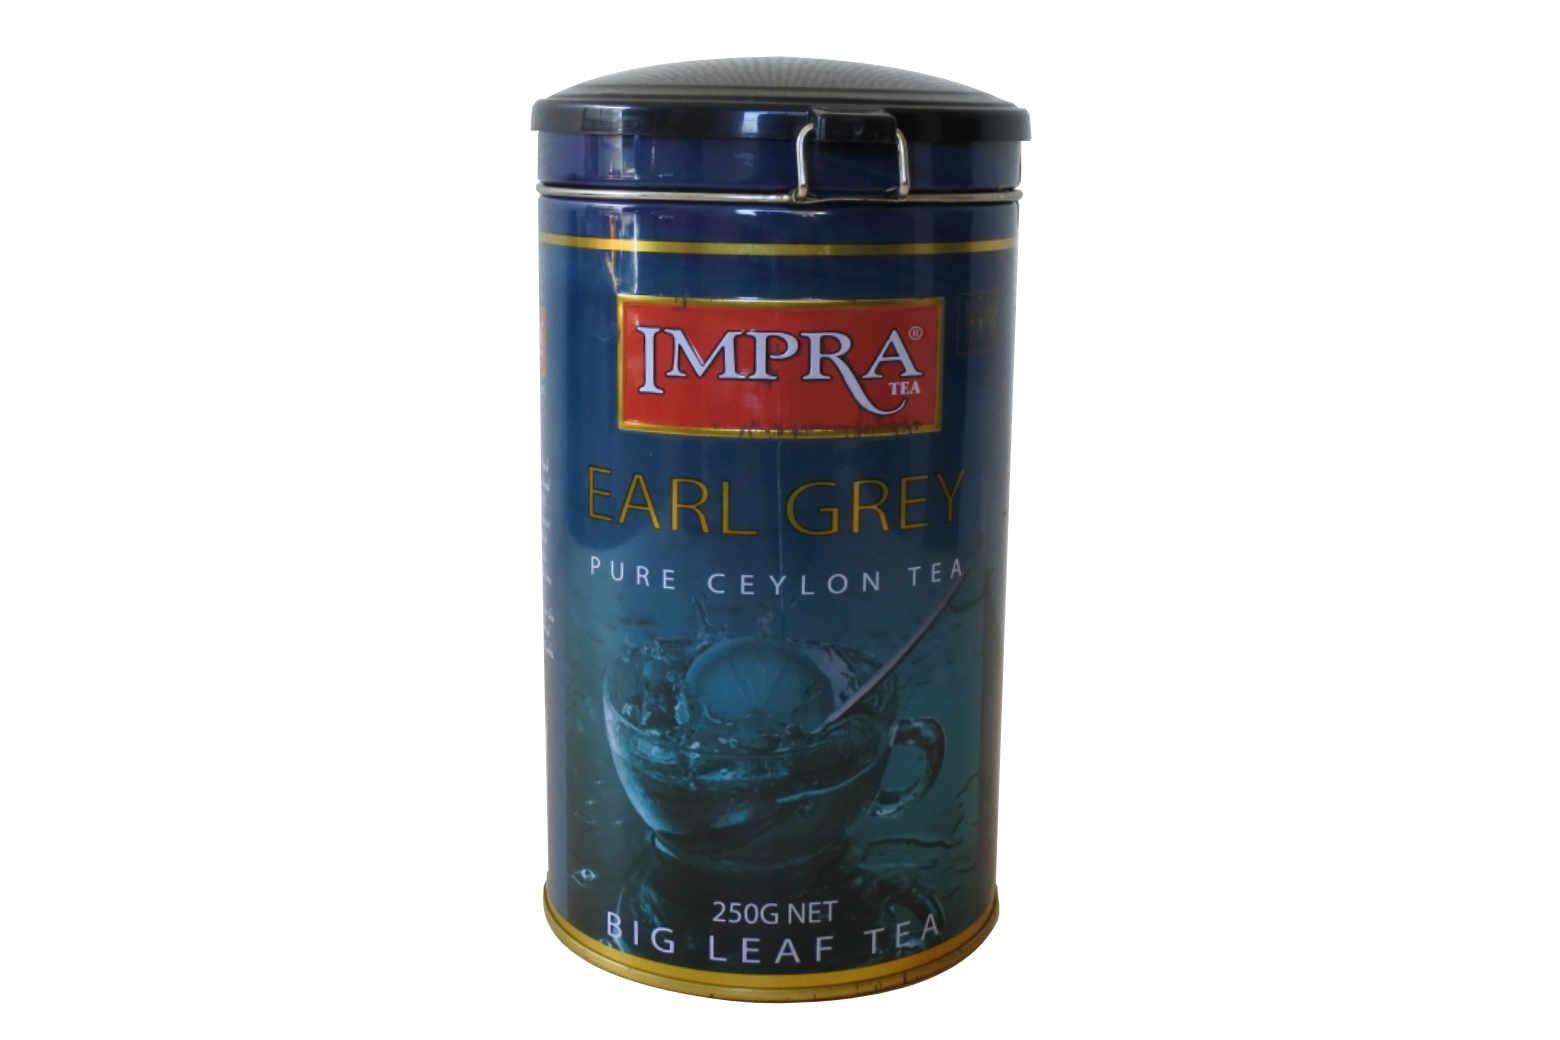 【追記/2020/3/10】美味しい紅茶 IMPRAのEARL GREYで落ち着く午後のひととき【食レポ】